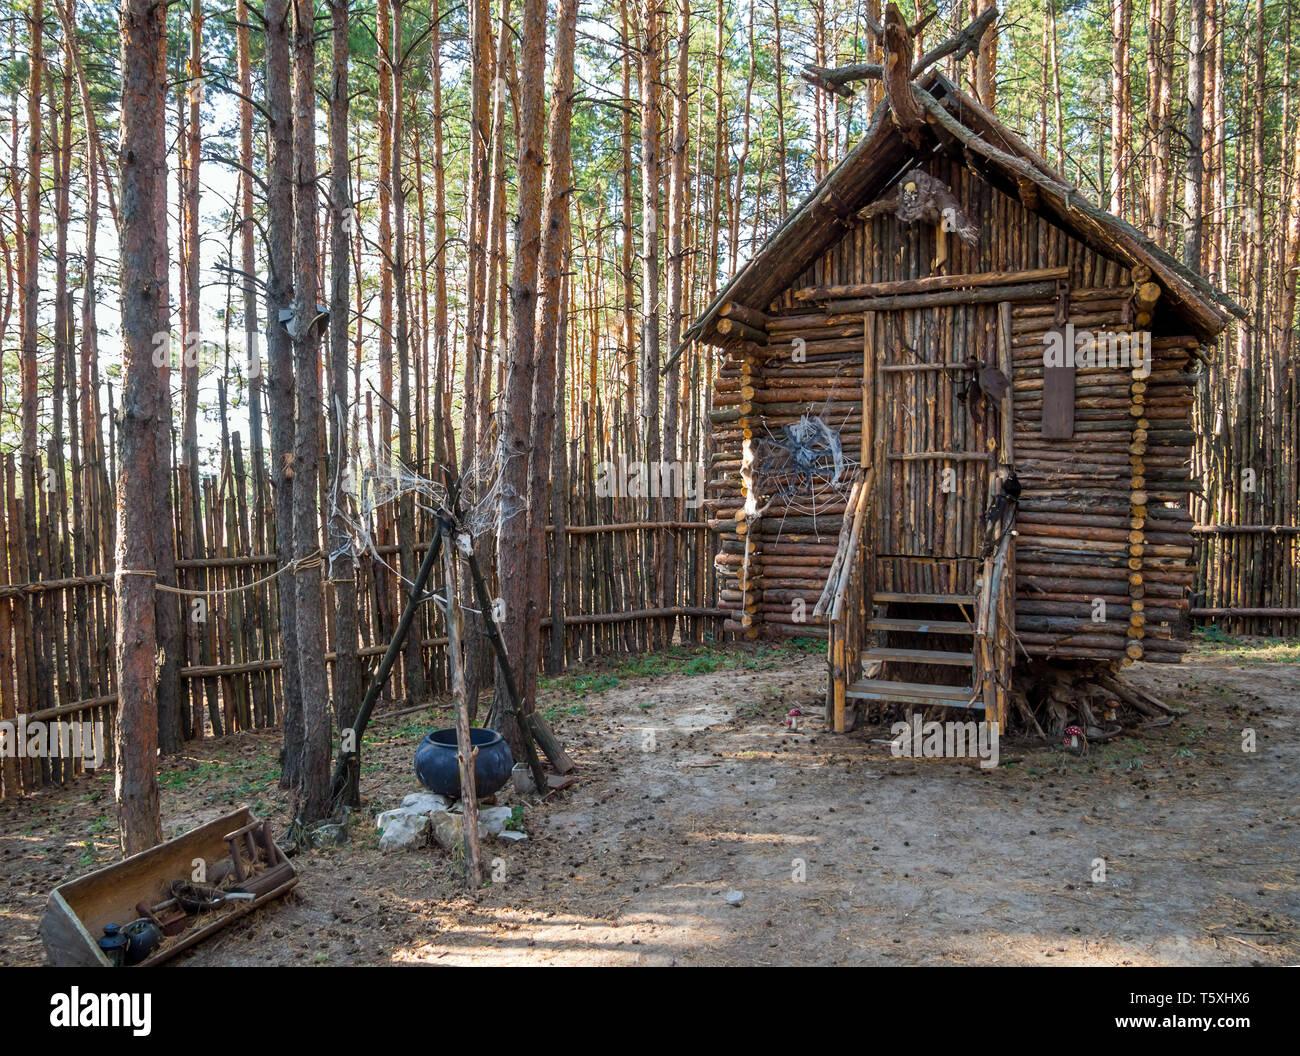 Baba Yaga's yard, amusement park 'Nelzha', Voronezh region - Stock Image